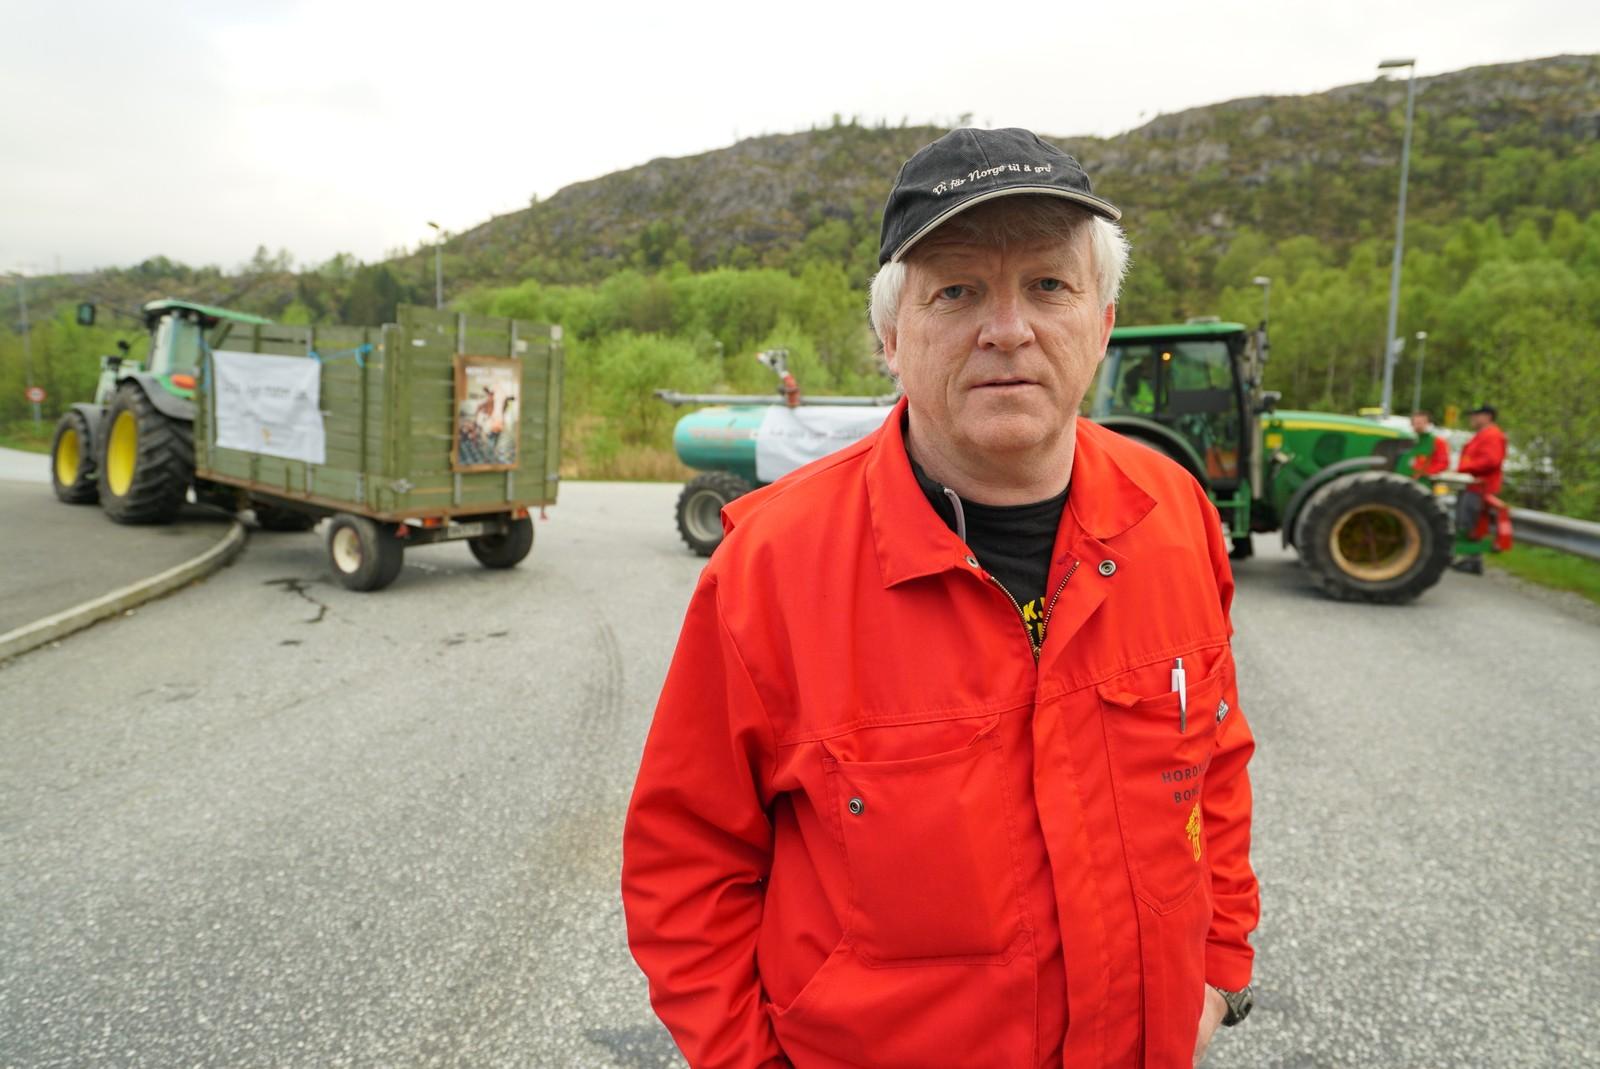 - Aksjonen har gått fredeleg for seg, seier organisasjonsleiar Lars Petter Taule i Hordaland bondelag. Han stilte seg opp ved Asko i Bergen.